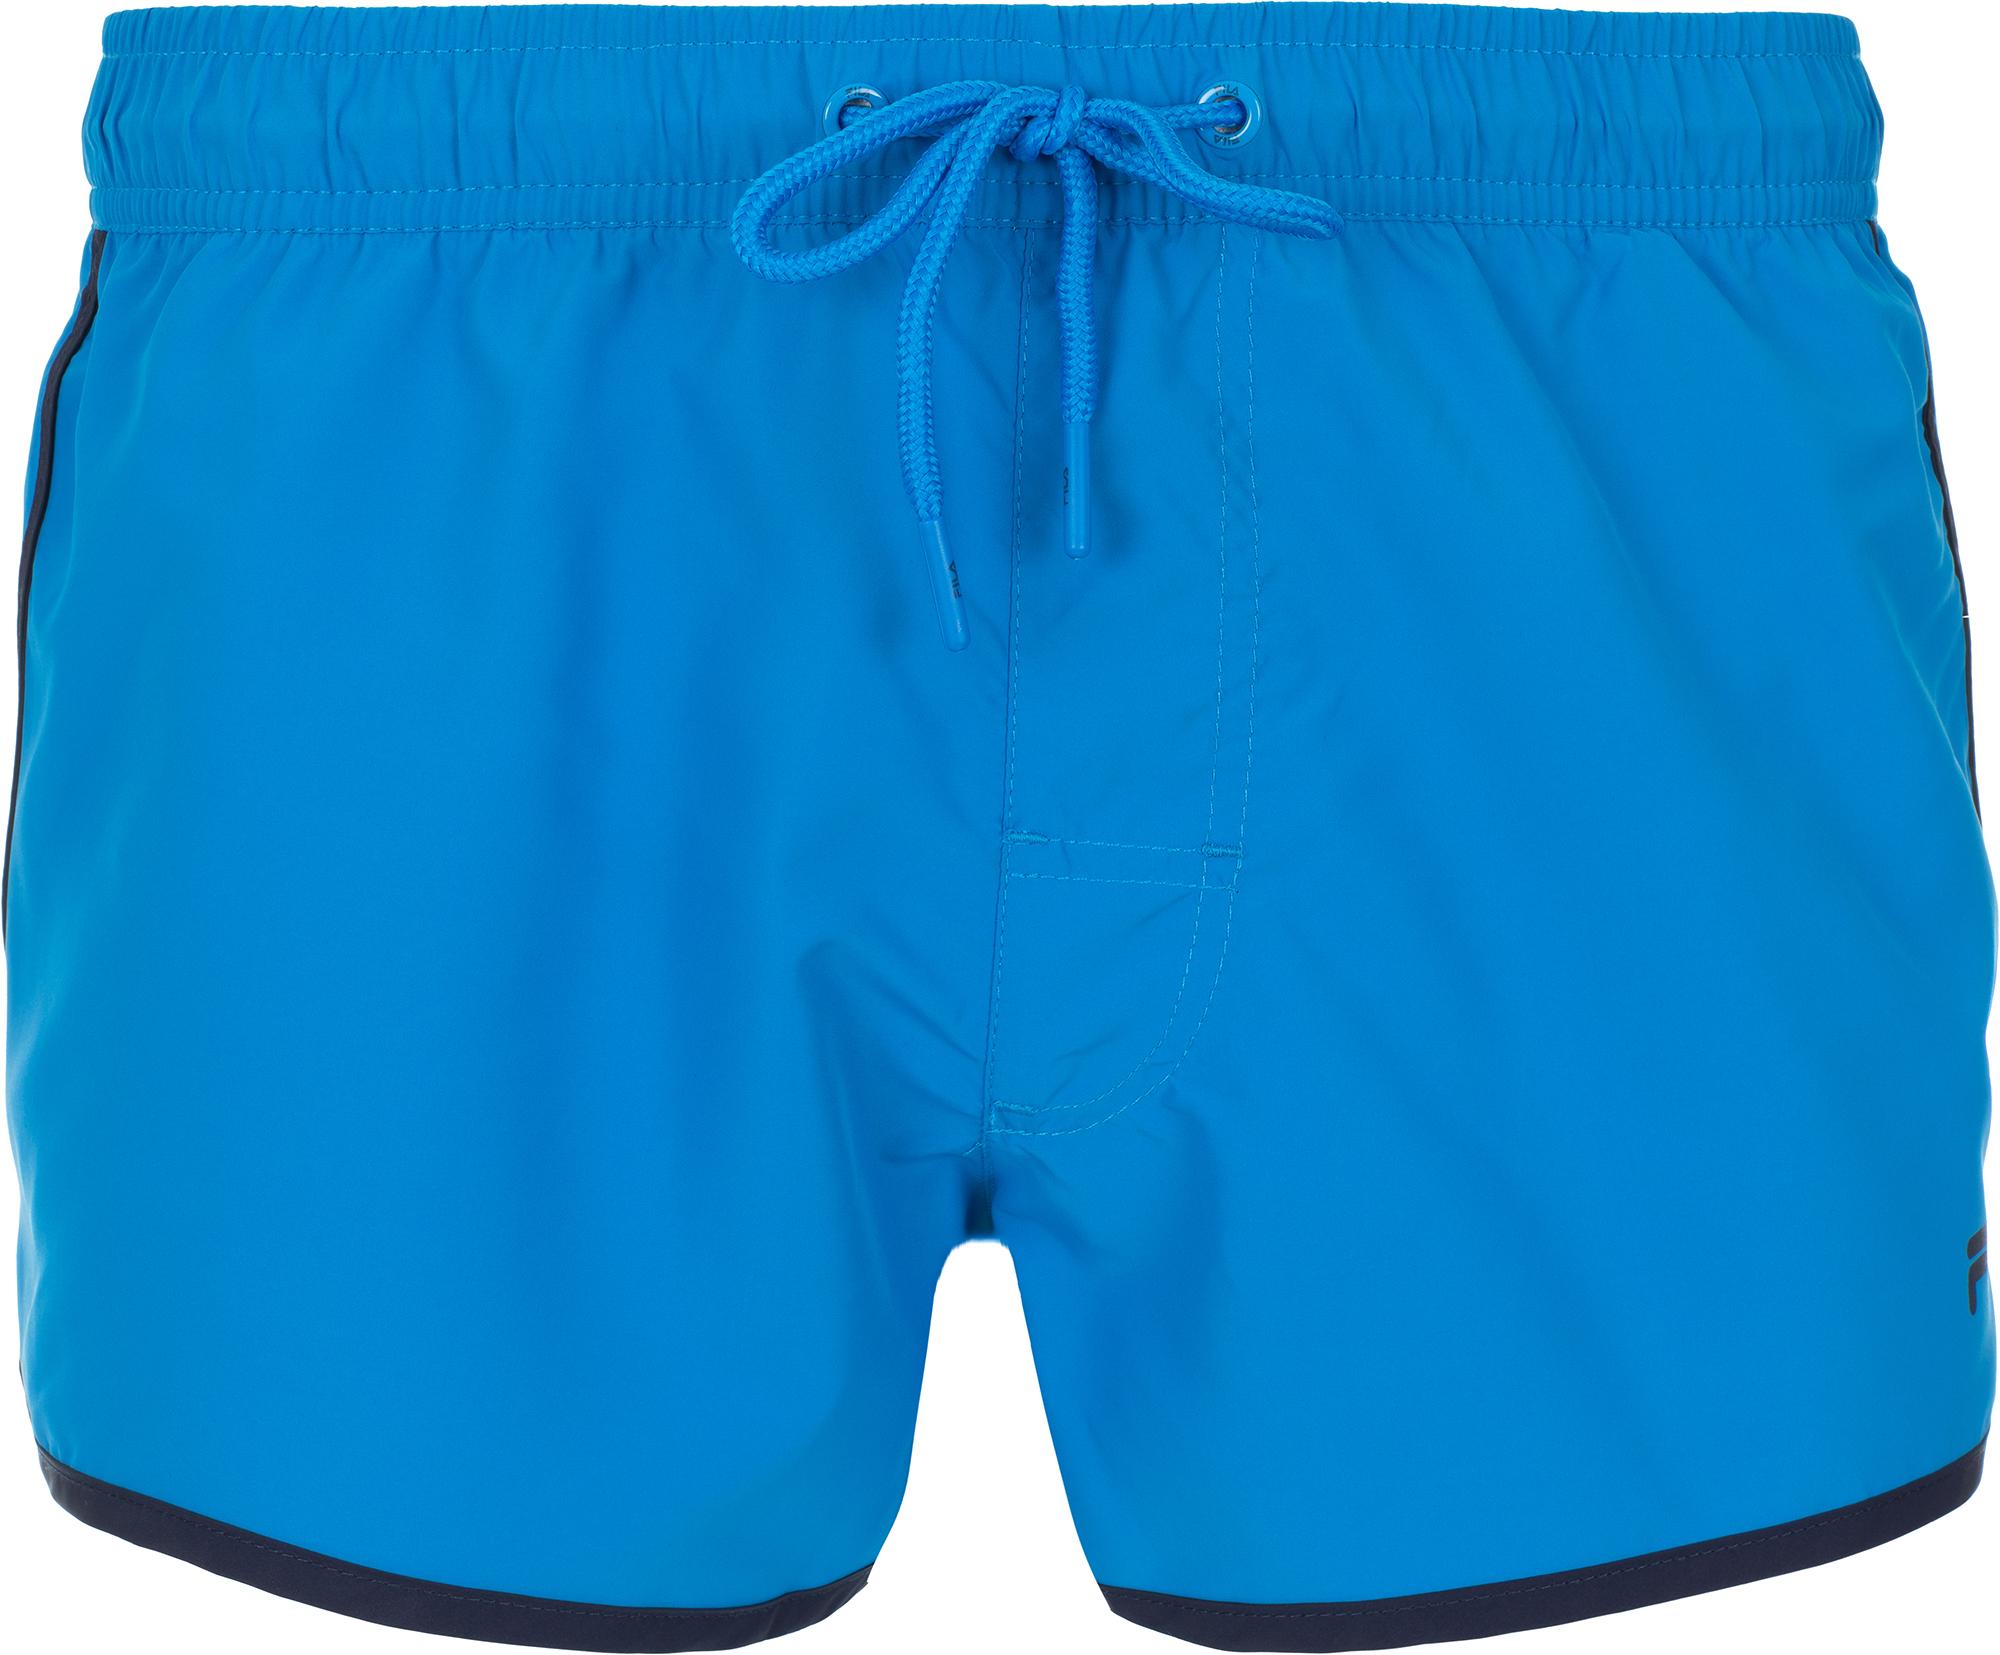 Fila Шорты плавательные мужские Fila, размер 52 fila плавки шорты мужские fila размер 54